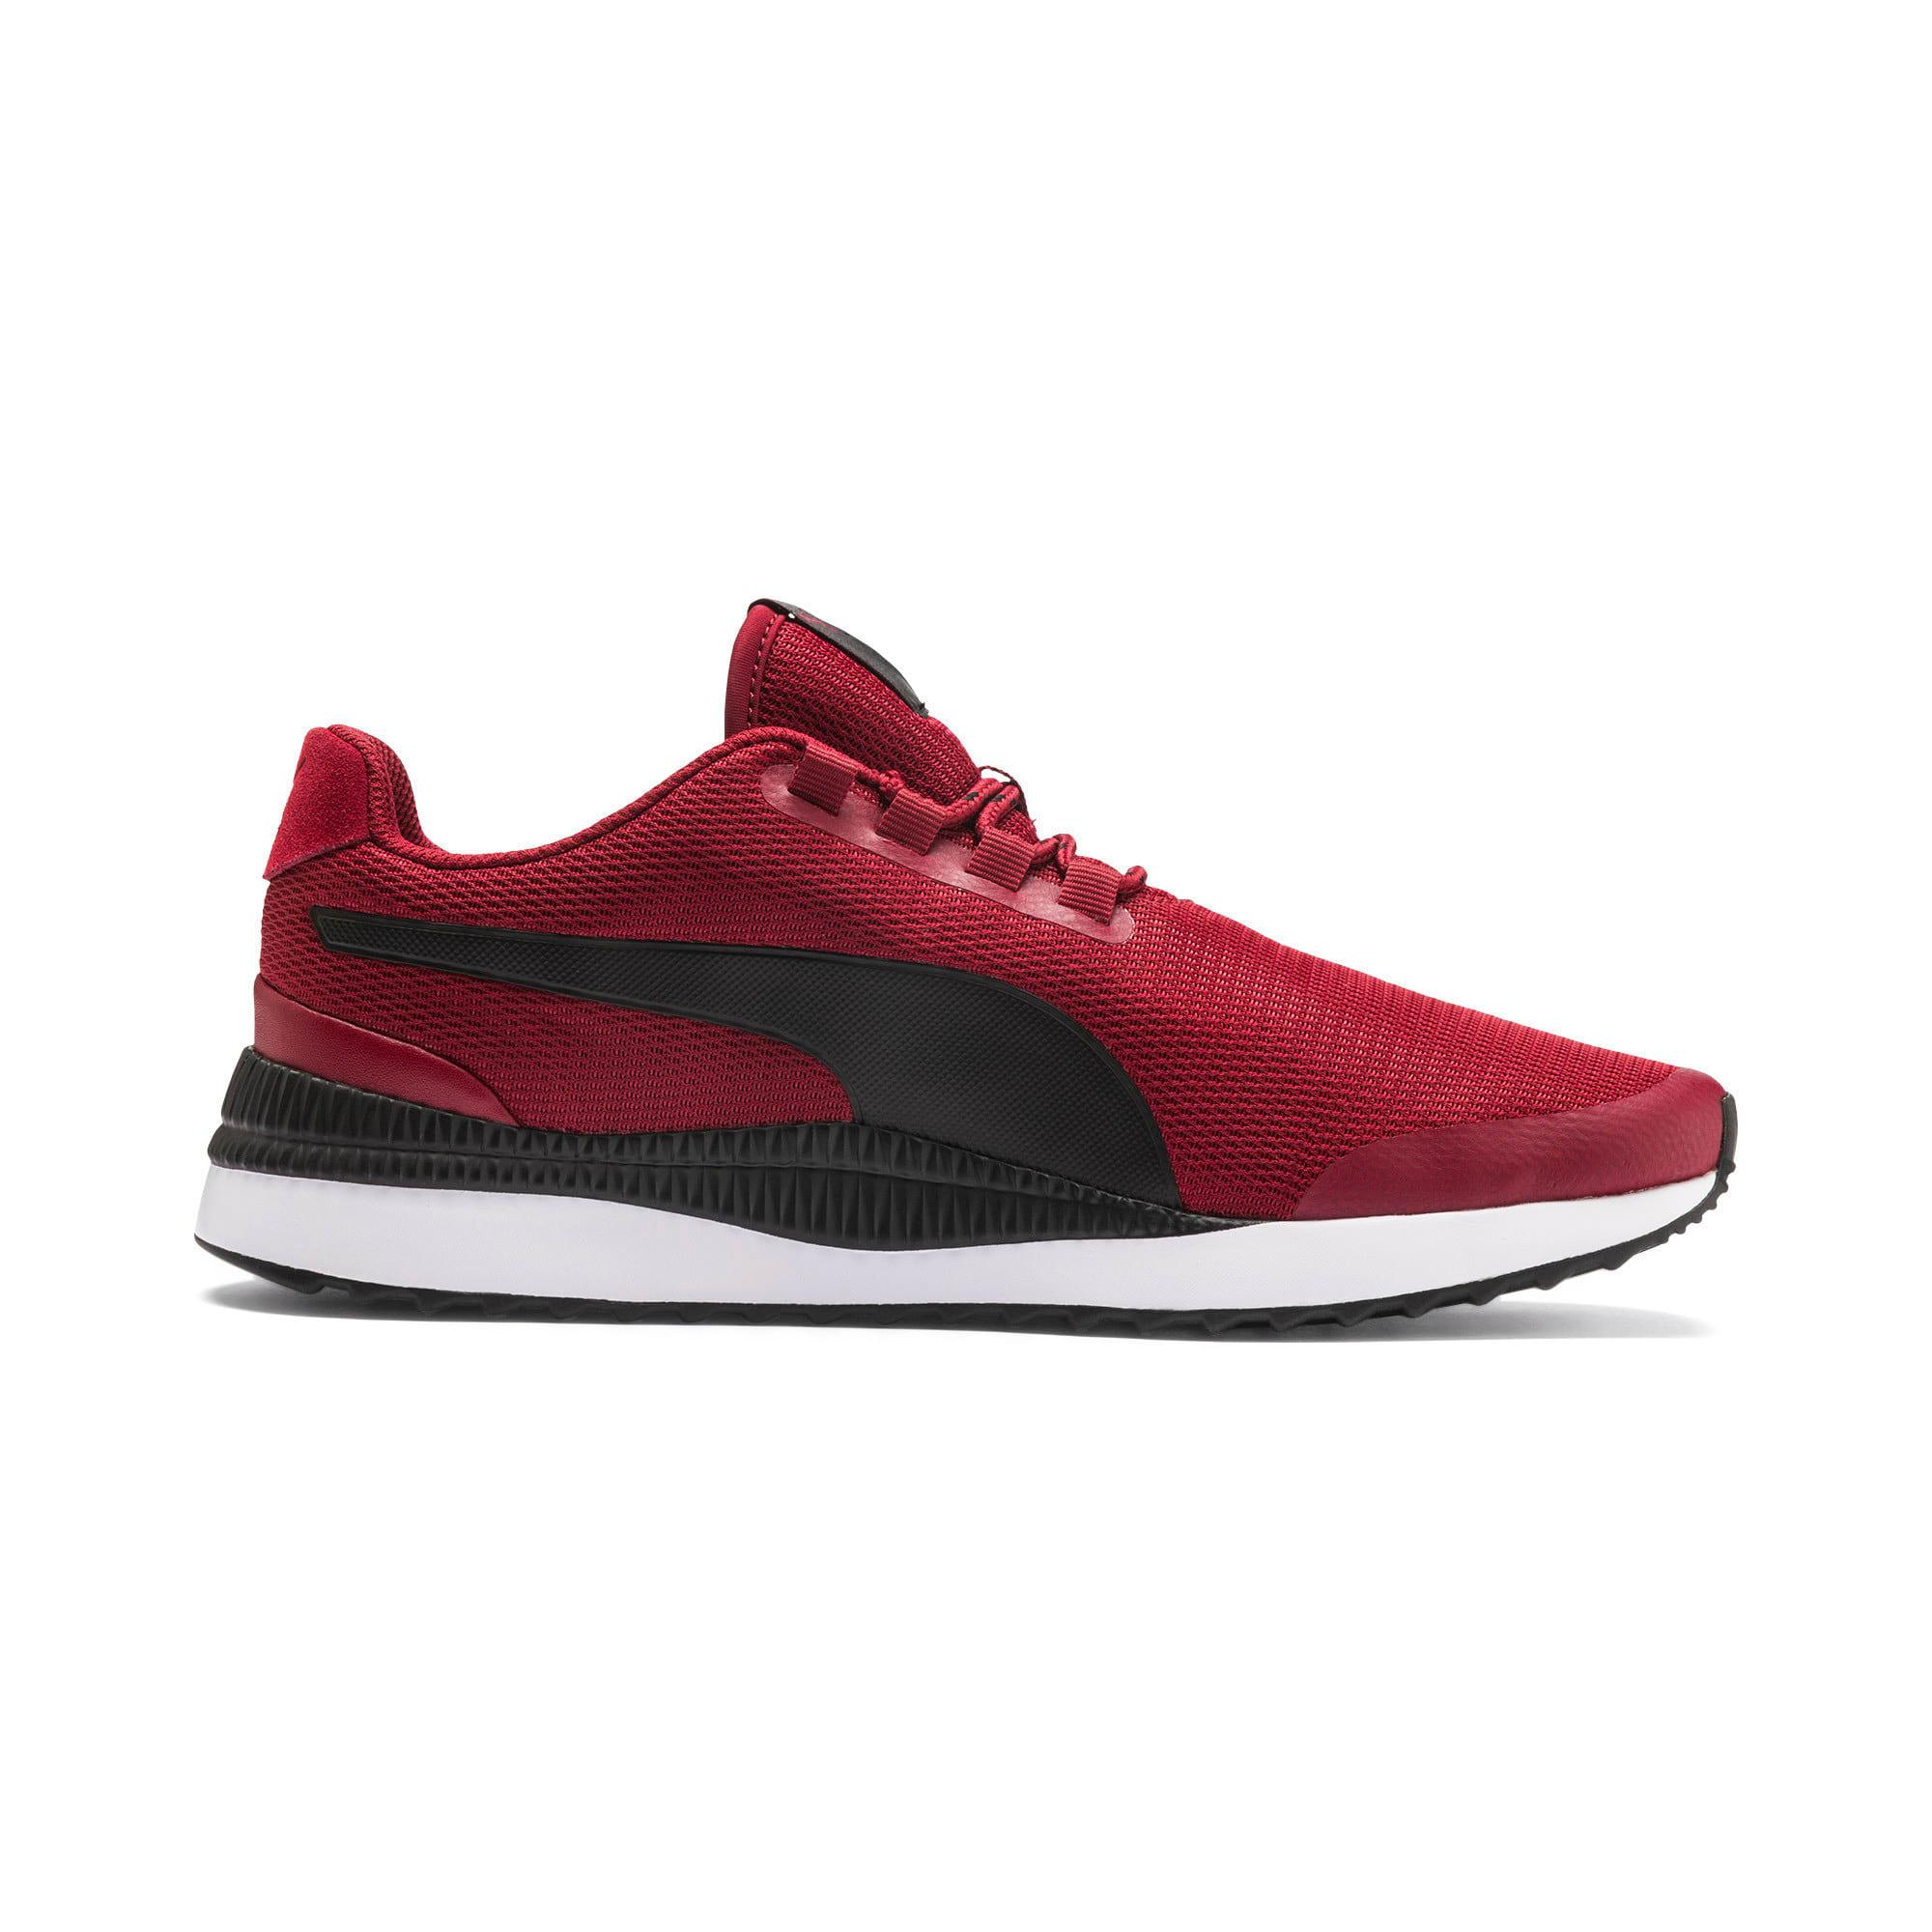 Miniatura 6 de Zapatos deportivosPacer Next FS, Rhubarb-Puma Black, mediano